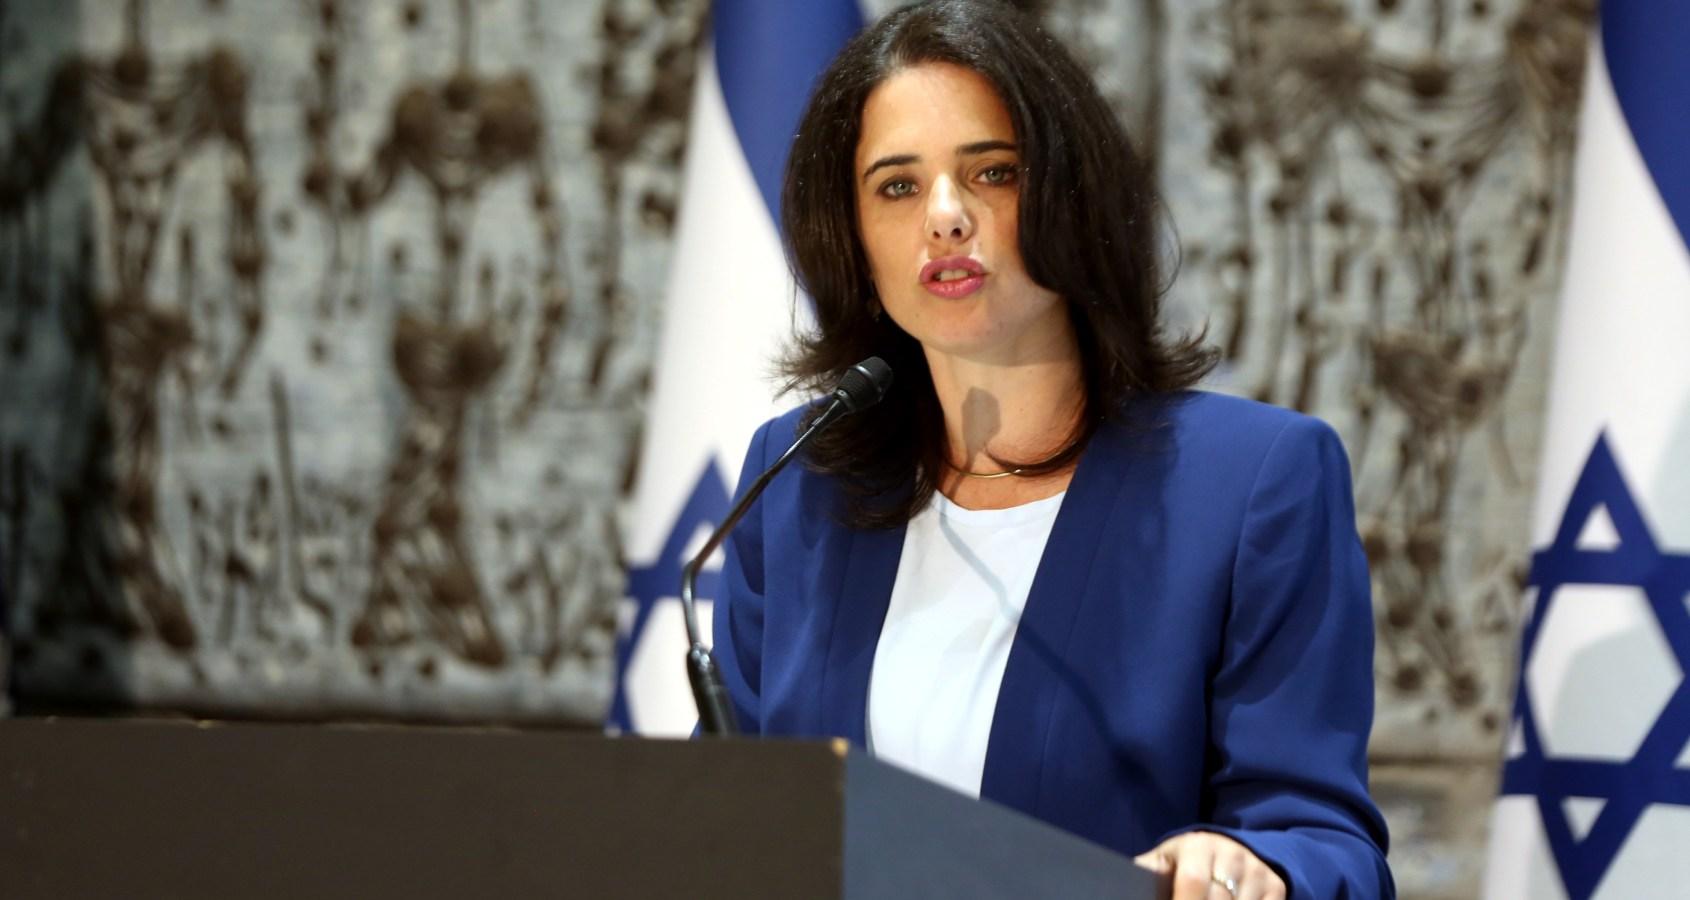 Israël danse sur un volcan, c'est pourquoi je voterai pour le parti Yamina d'Ayelet Shaked (Opinion)